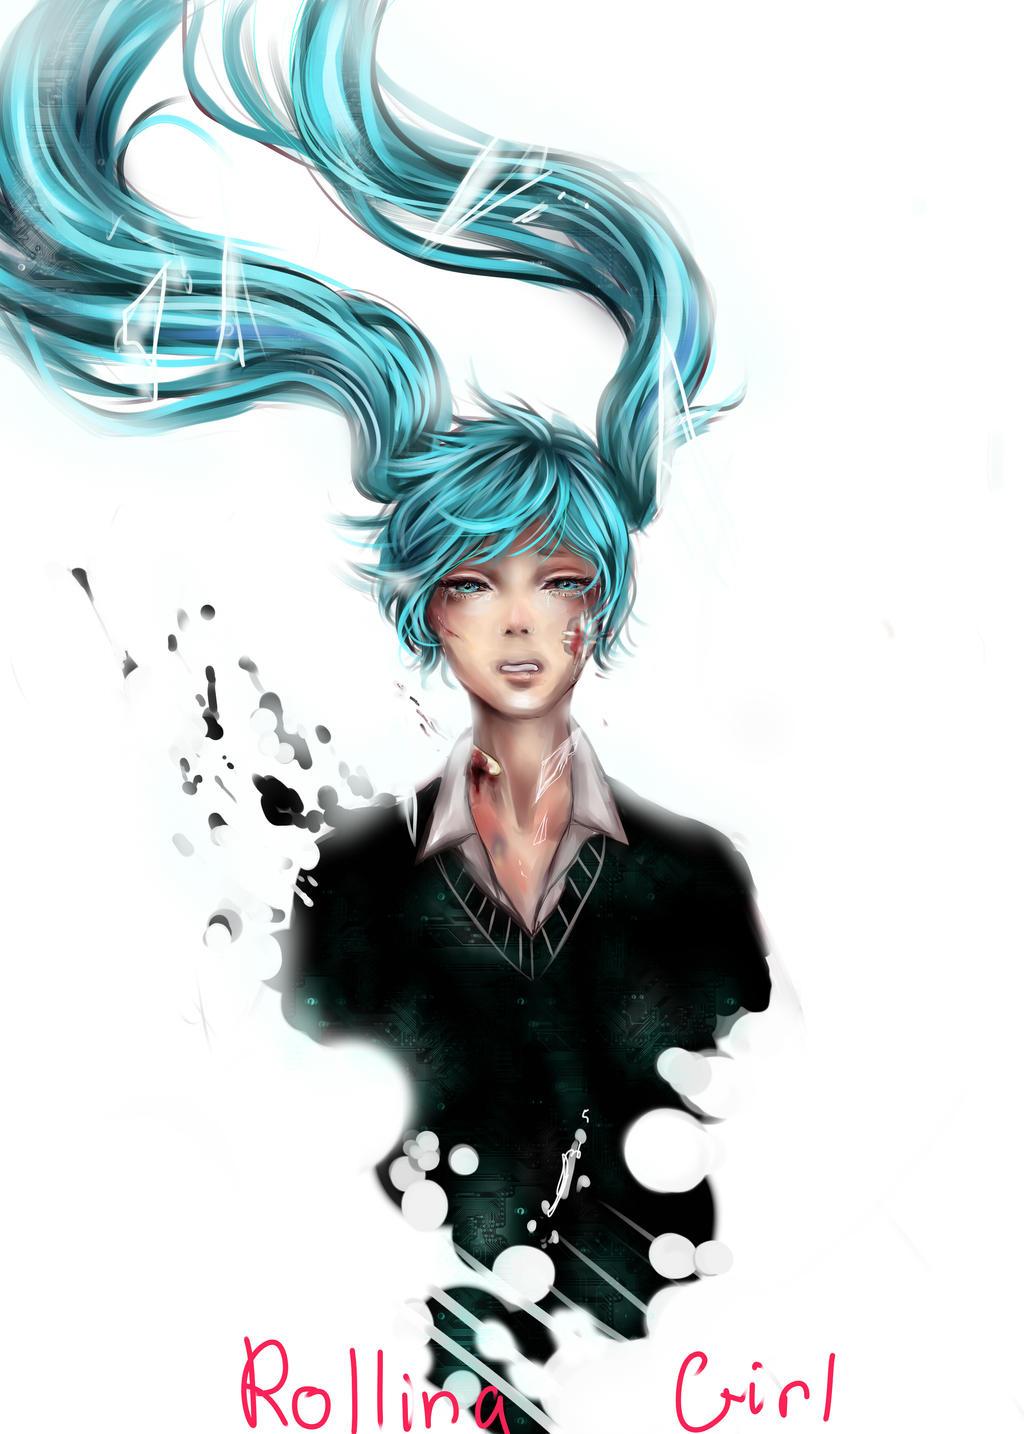 Miku: Rolling Girl by GladAnn